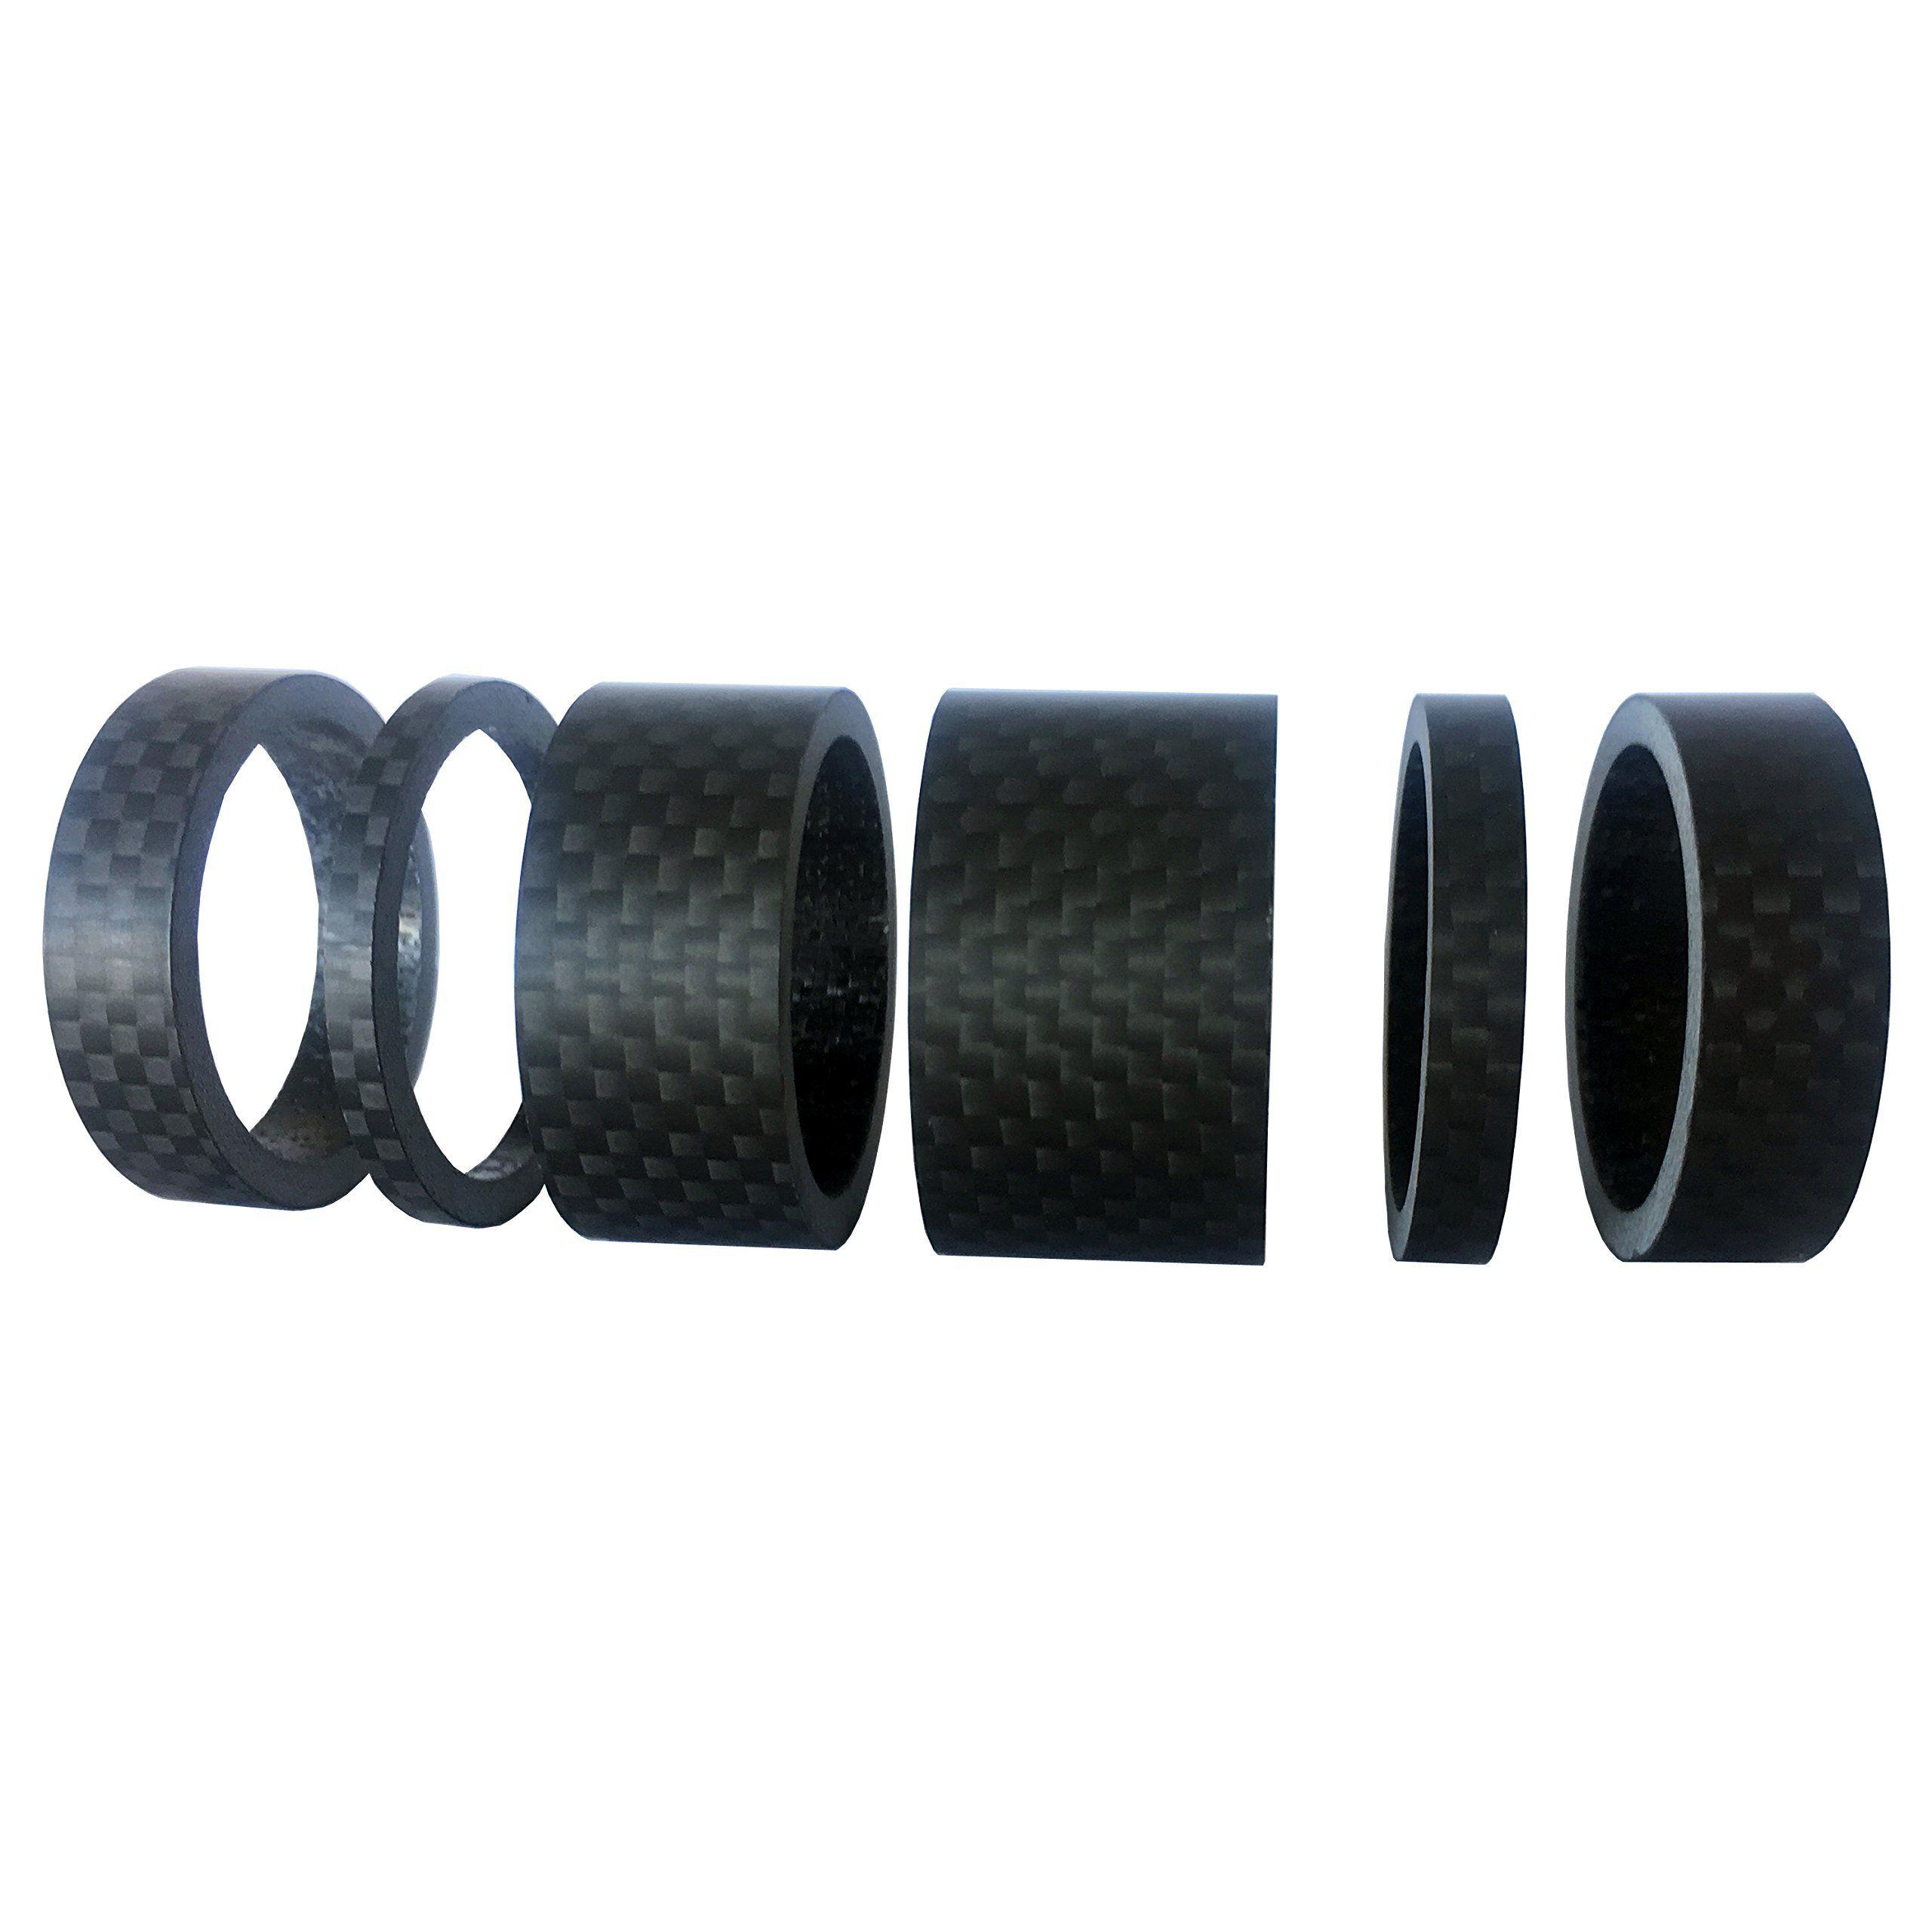 """2 Sets Carbon Fiber 5,10,15,20mm Spacers Kit 1 1//8/"""" For Stem Road Bike MTB MT"""